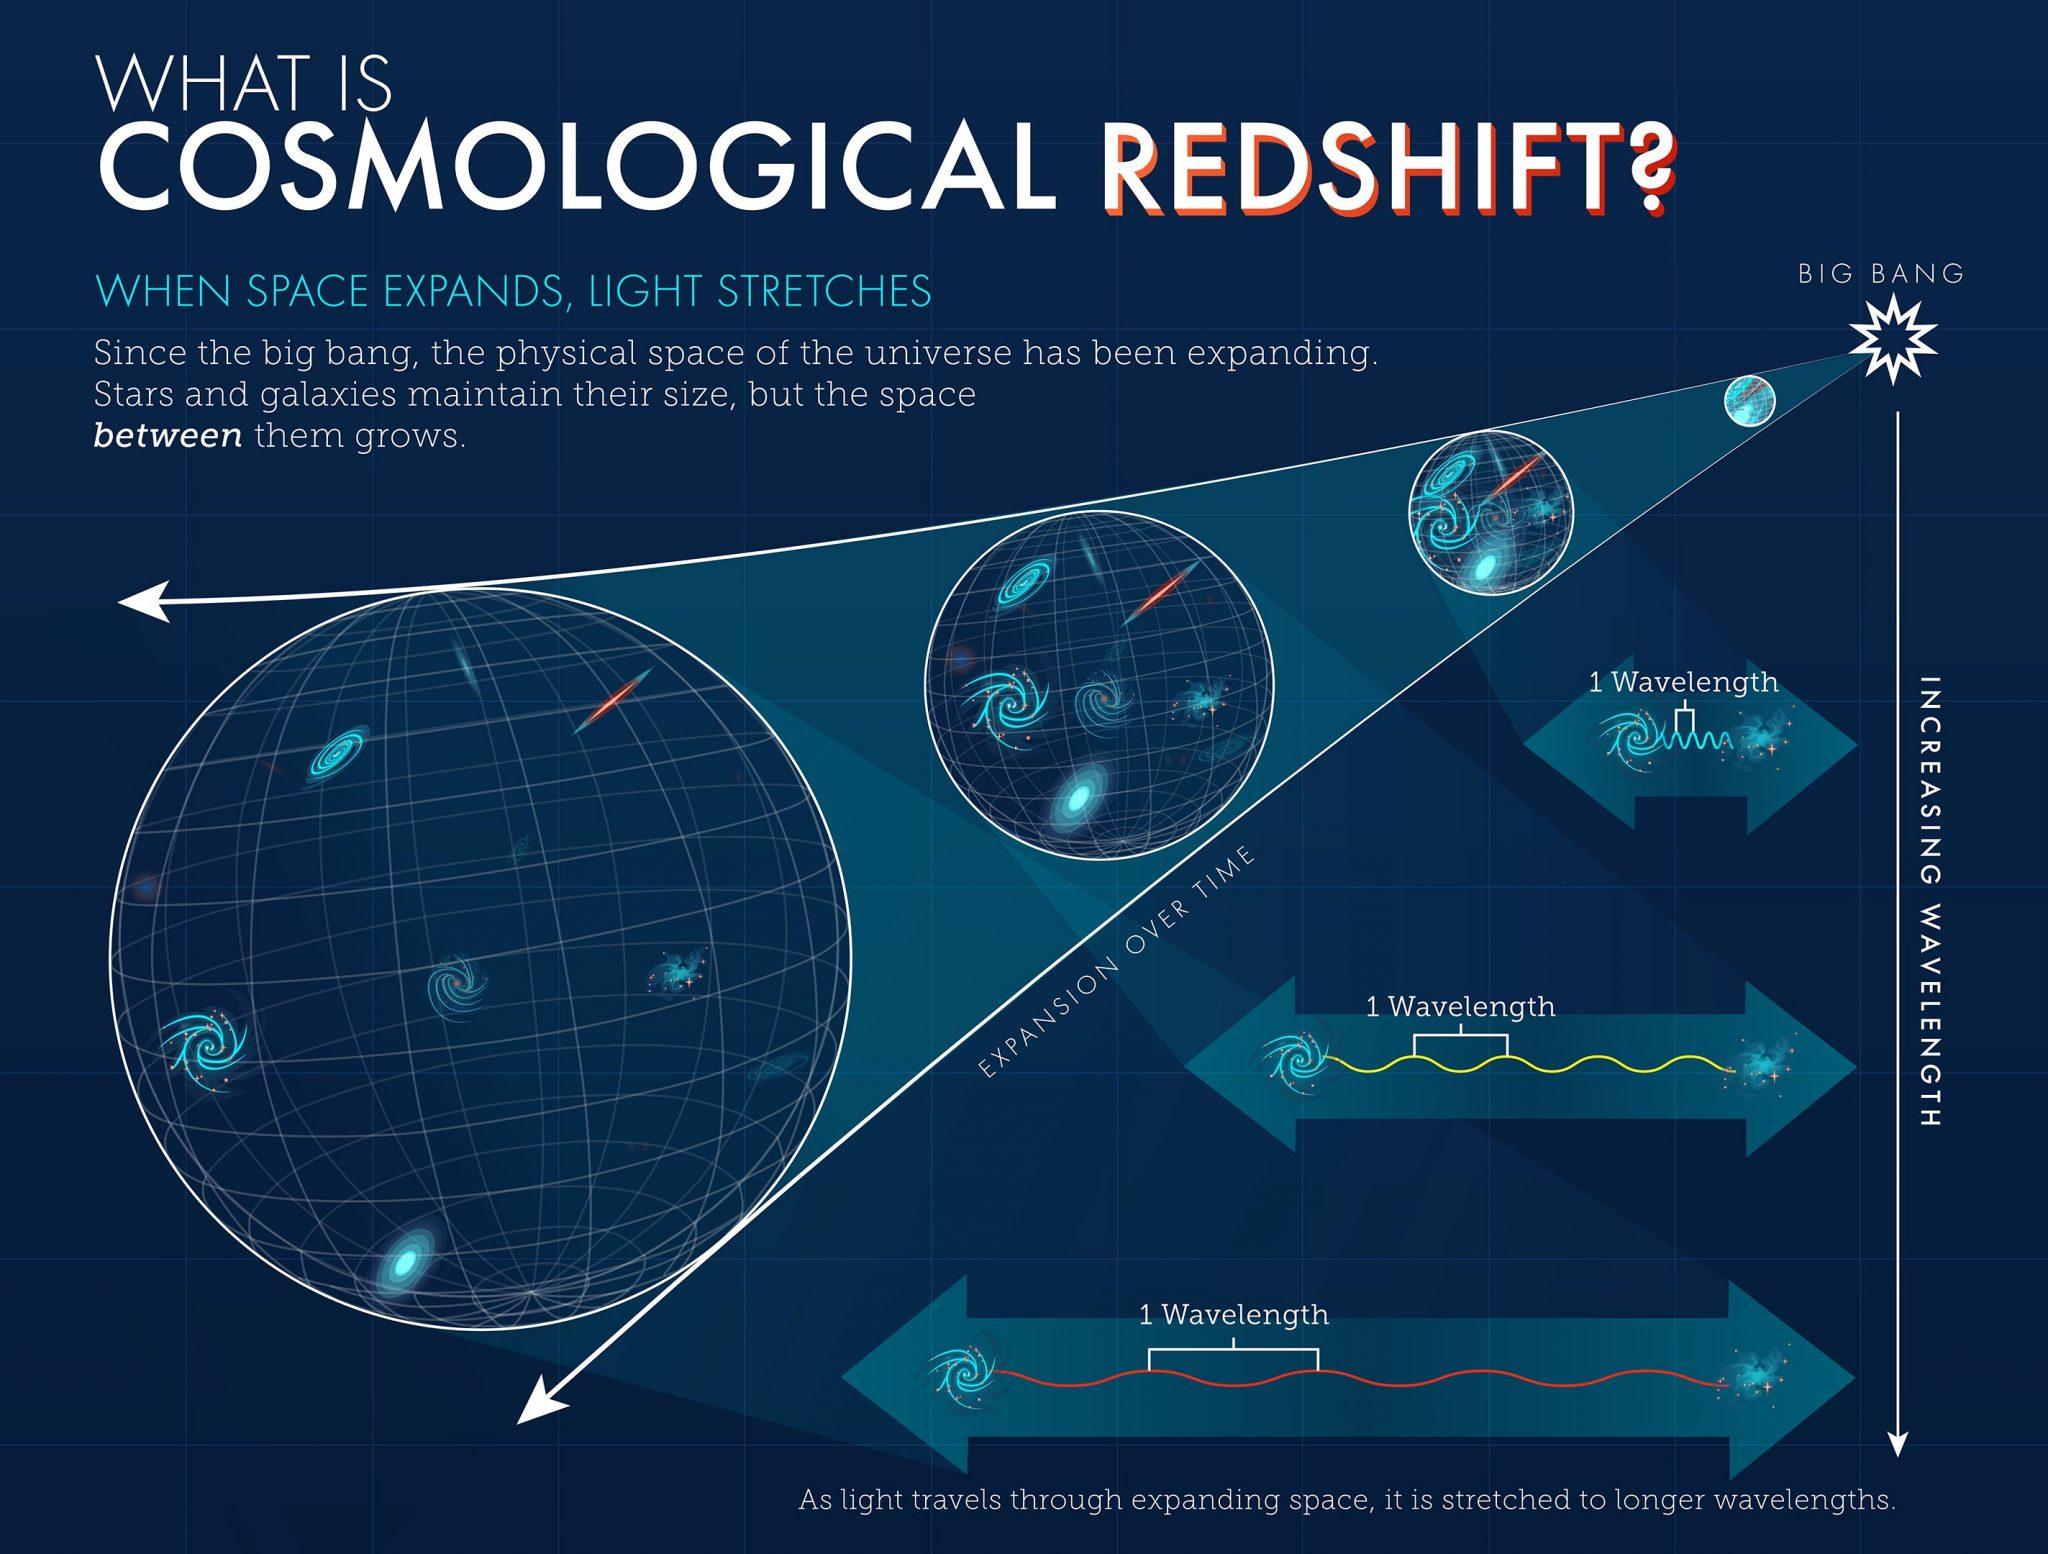 詹姆斯·韦伯太空望远镜将研究类星体以了解早期宇宙